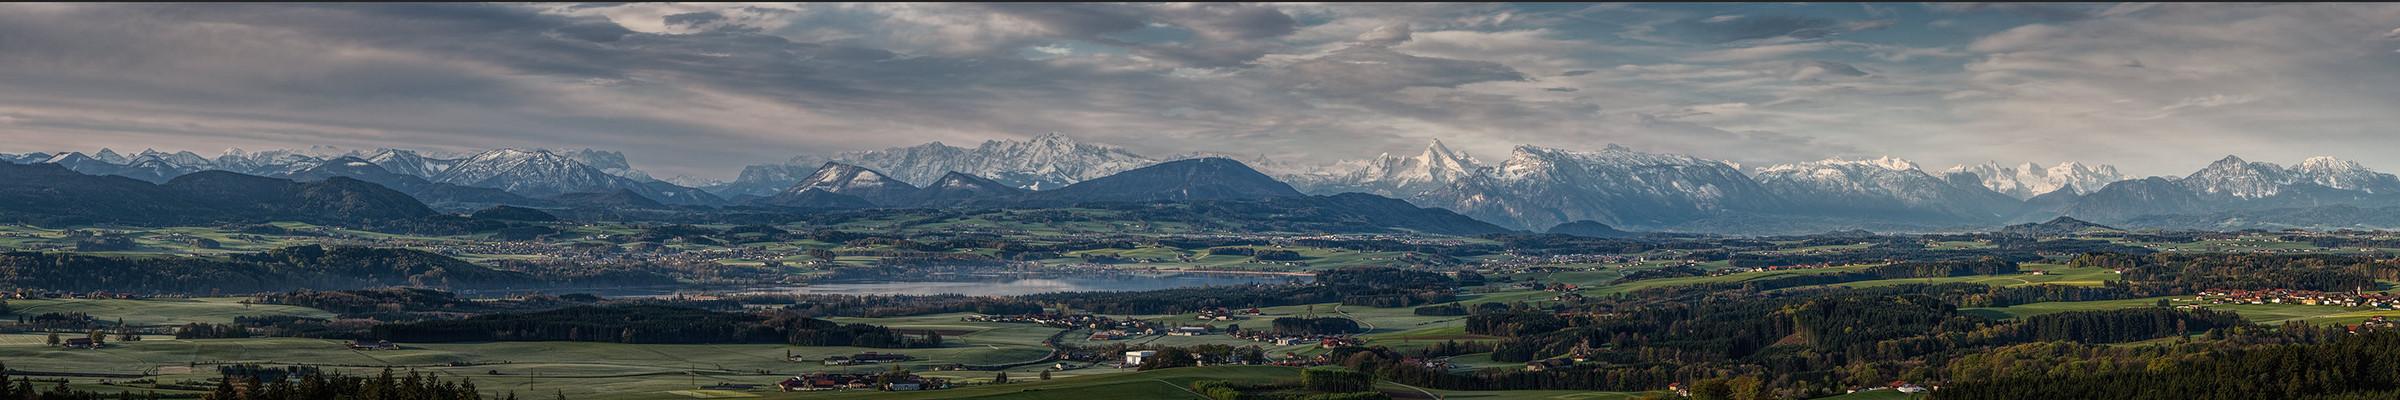 Blick übern Wallersee ins Alpenvorland